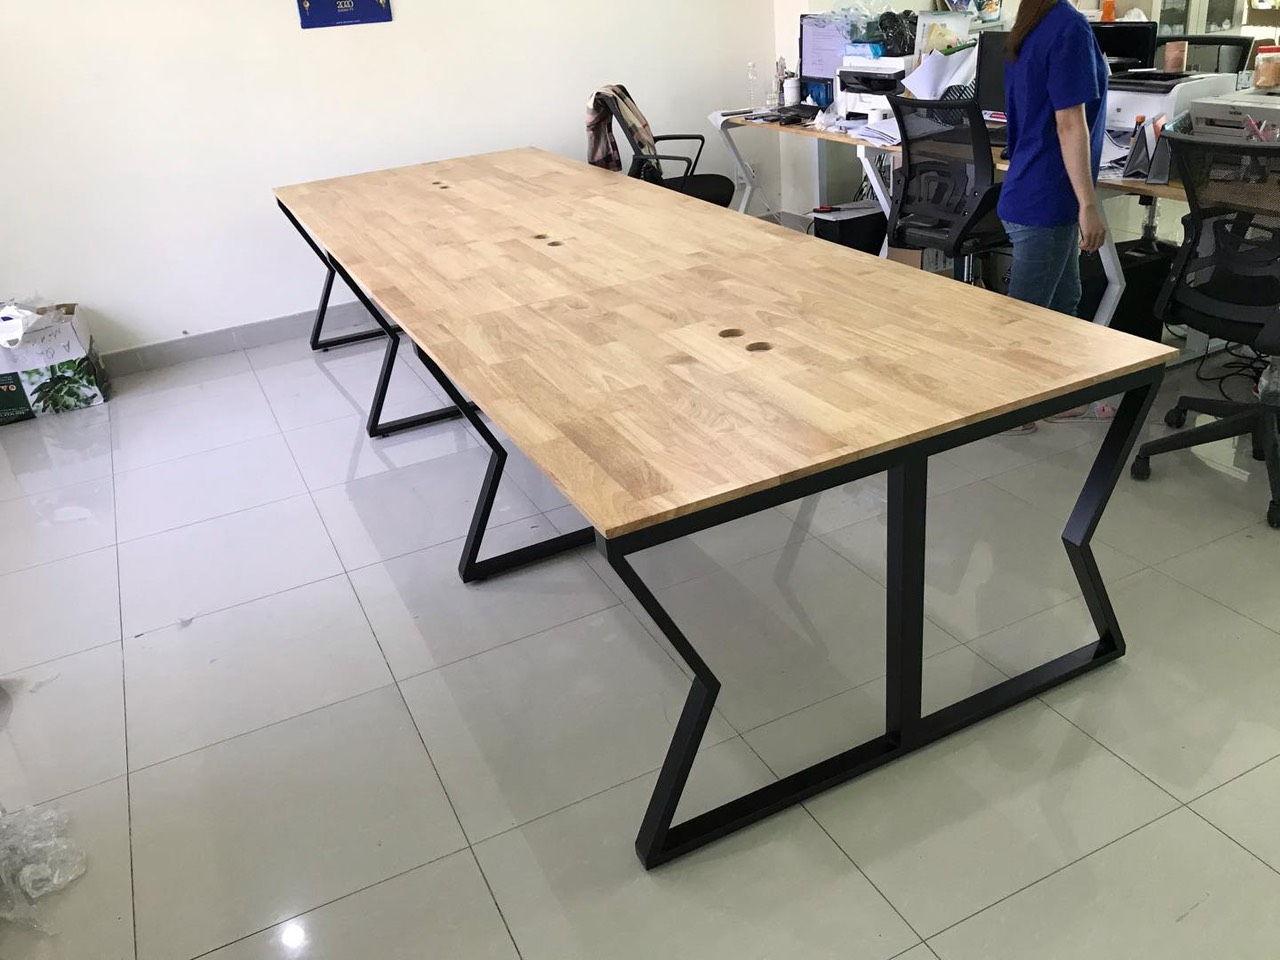 Chân bàn văn phòng hoàn thiện mặt bàn